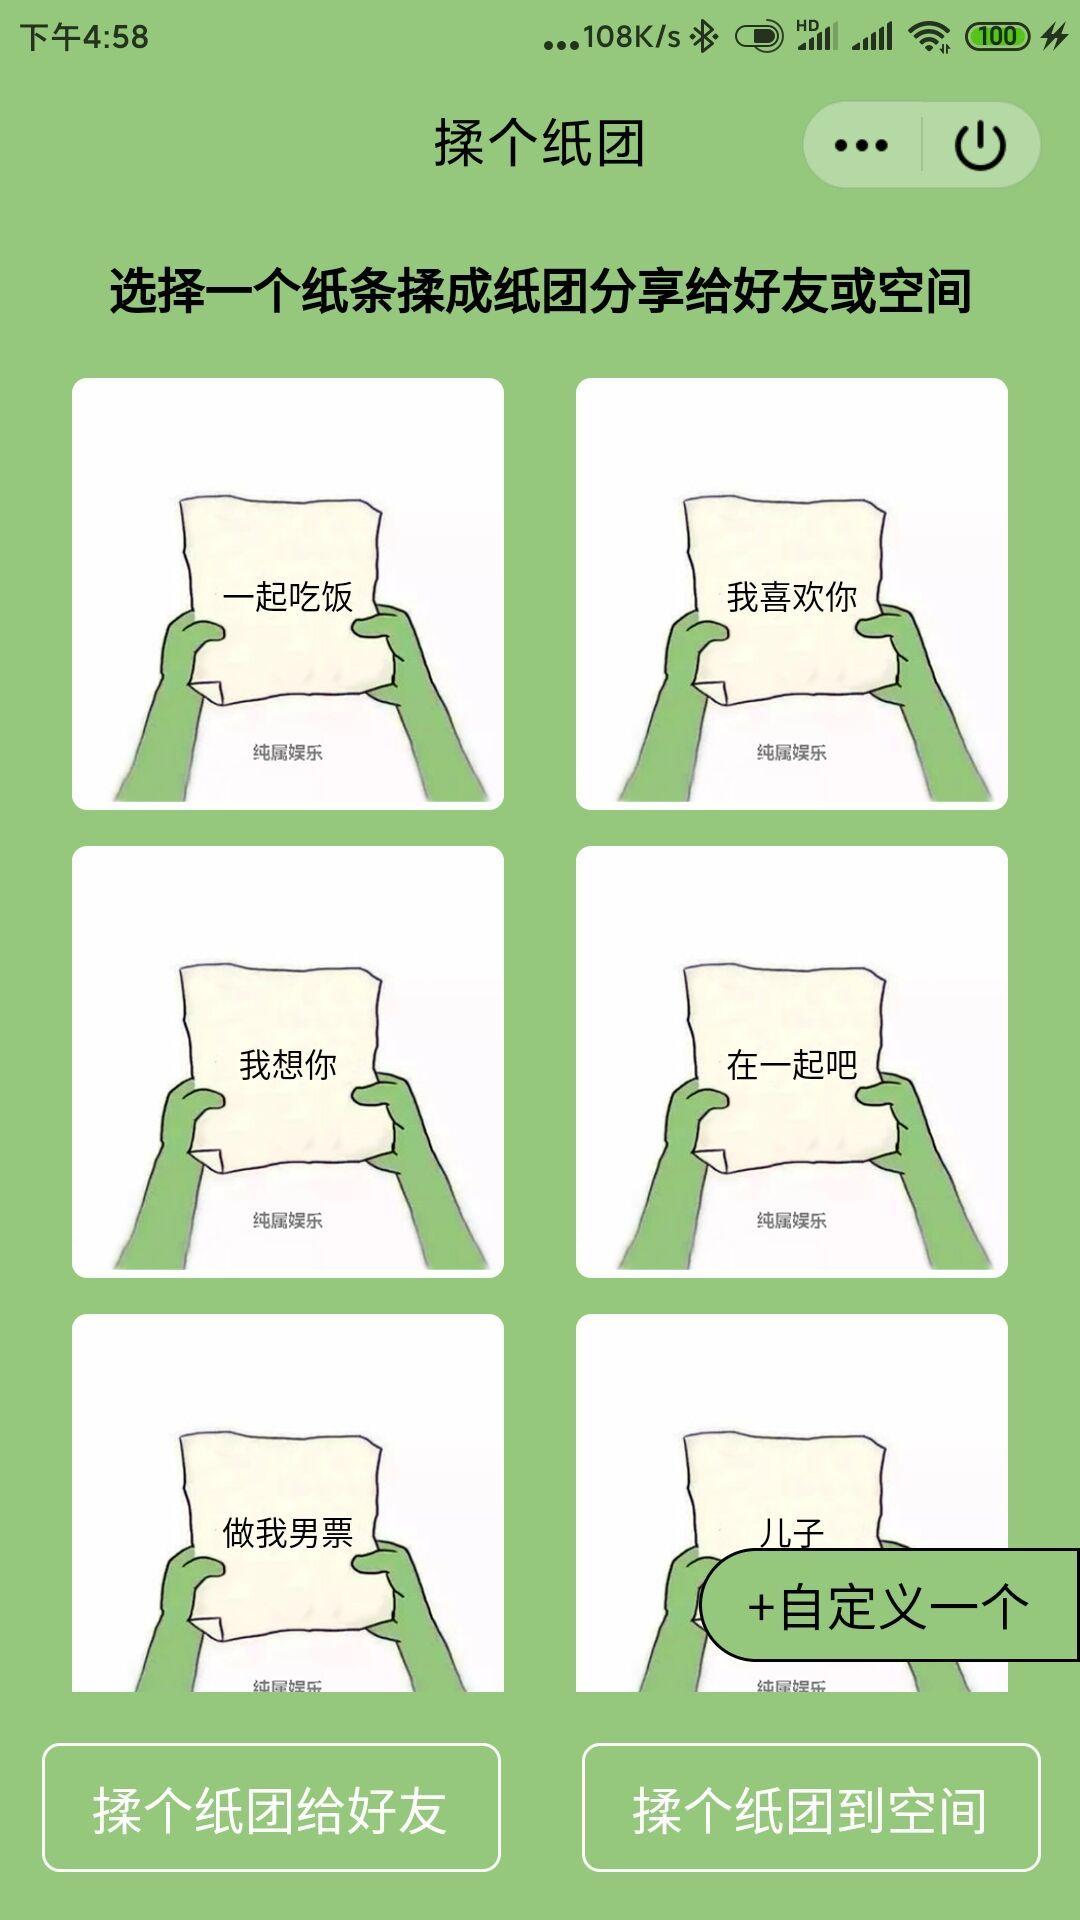 揉個紙團入口圖(tu)1